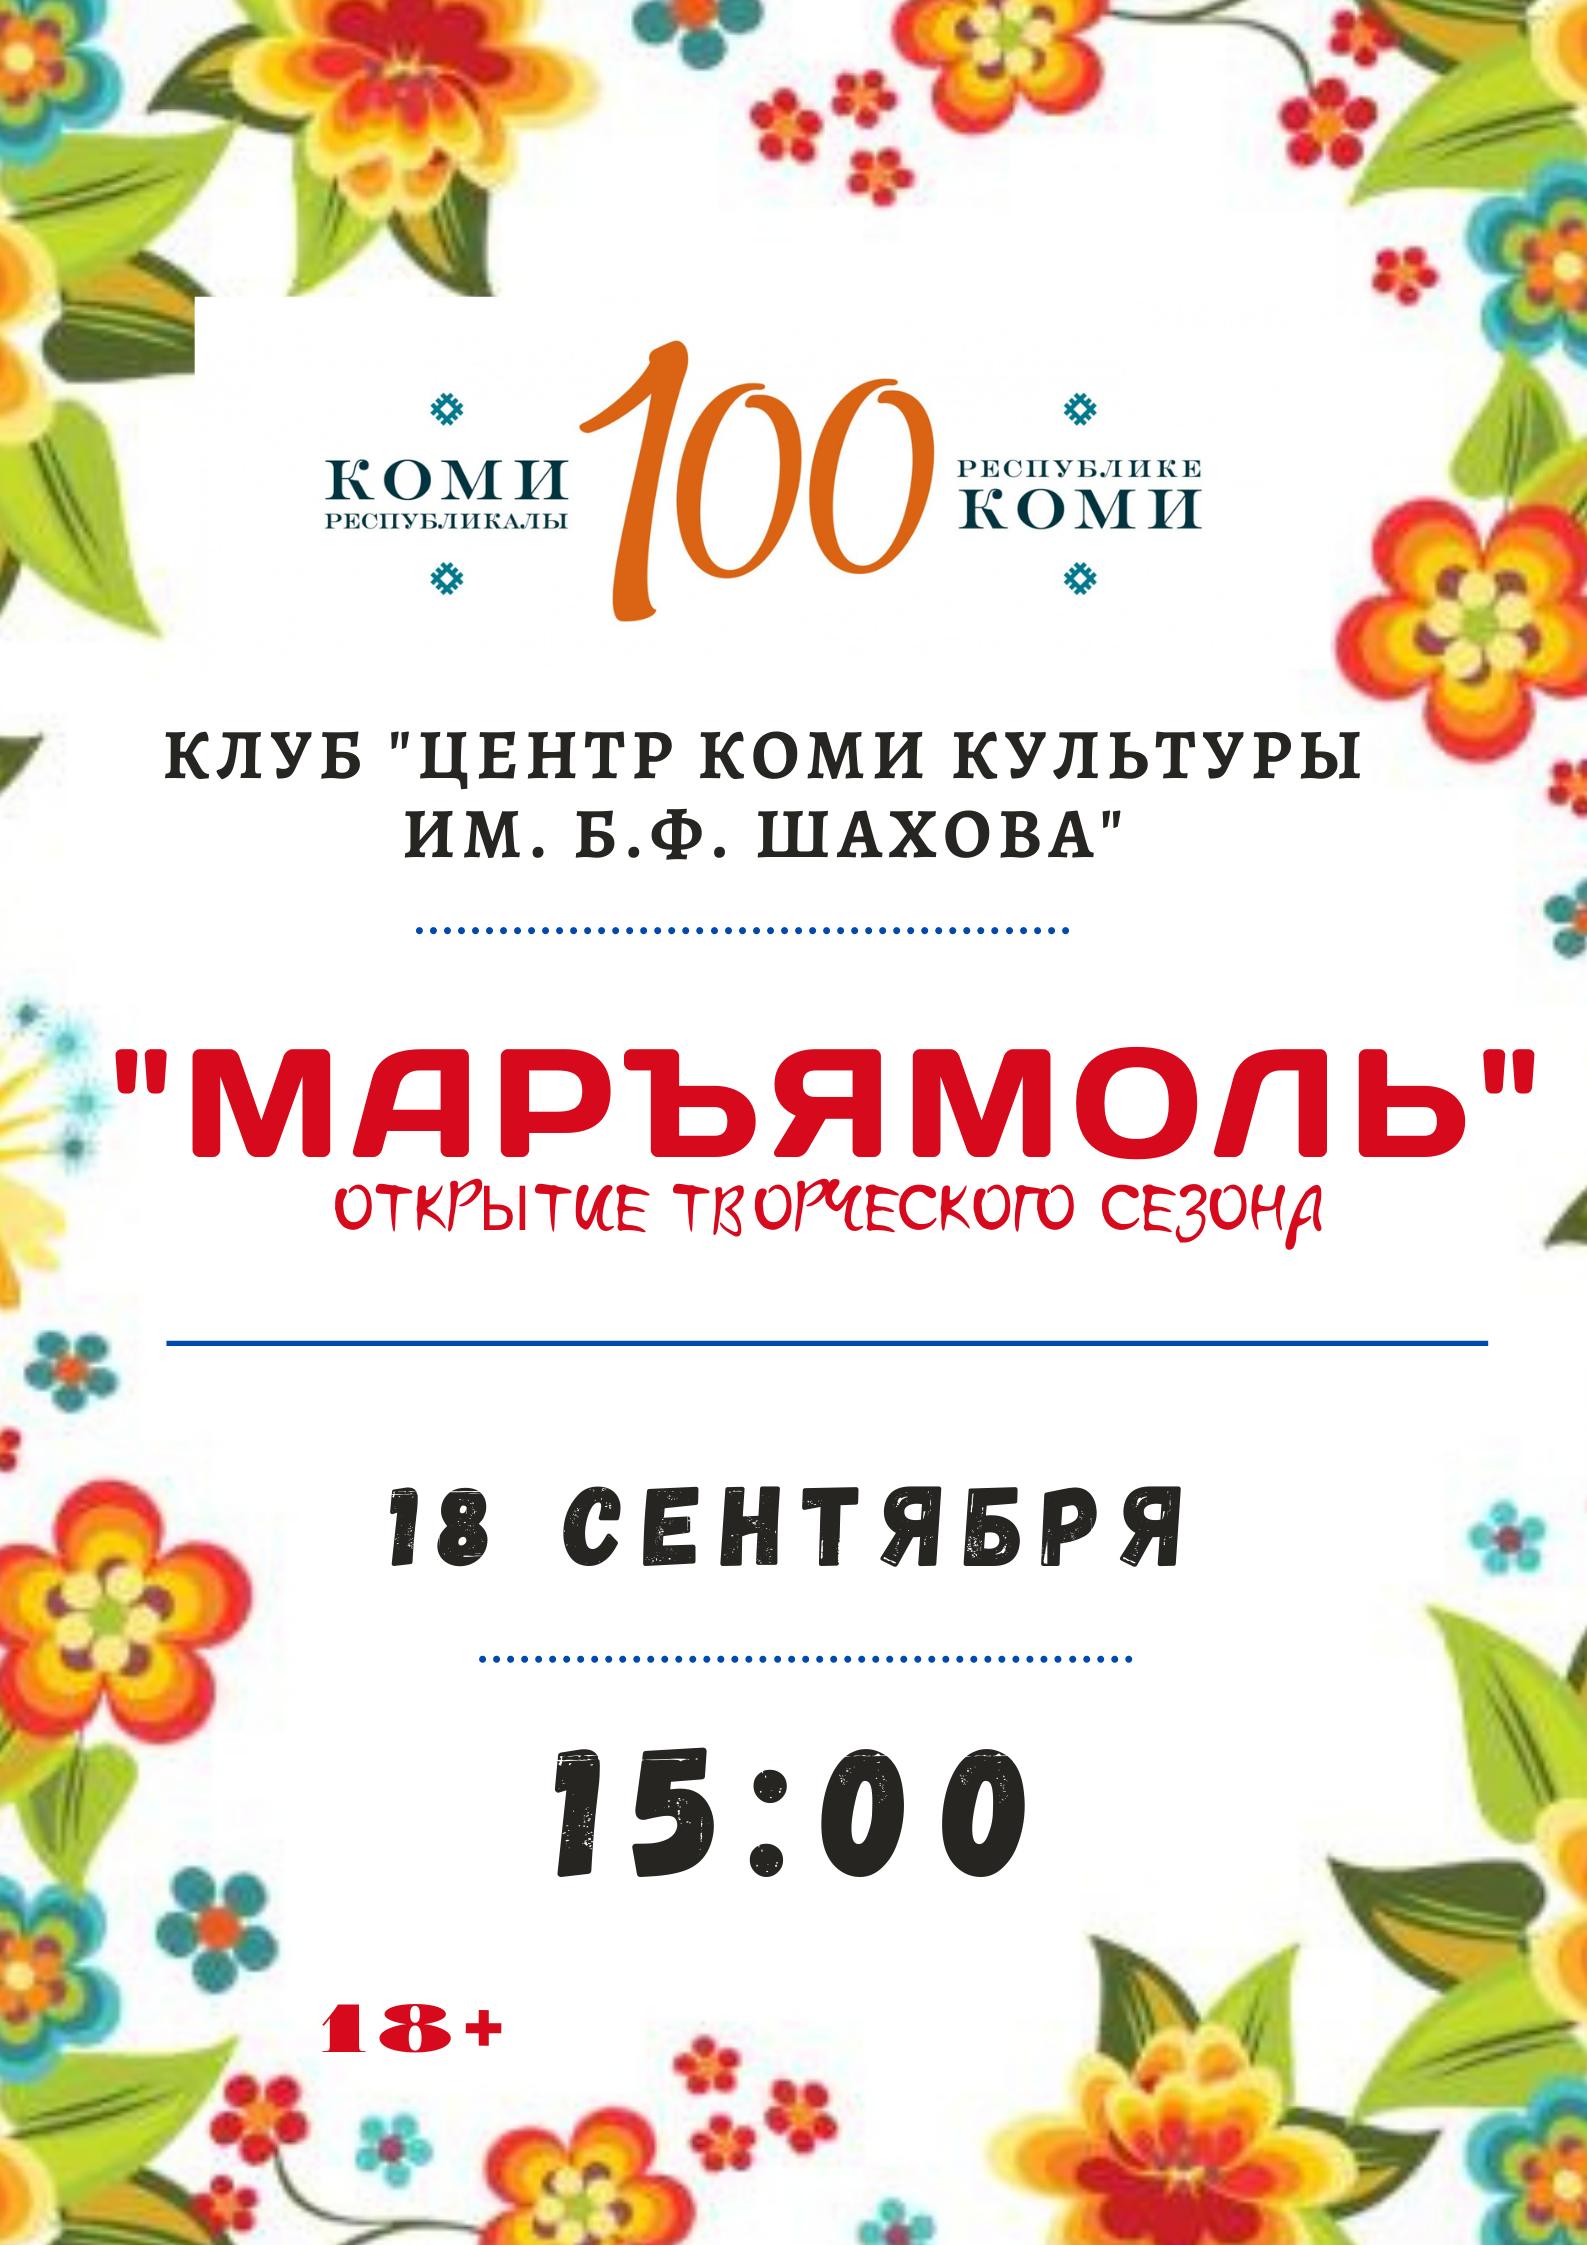 Клуб Центр коми культуры им. Б.Ф. Шахова (2)